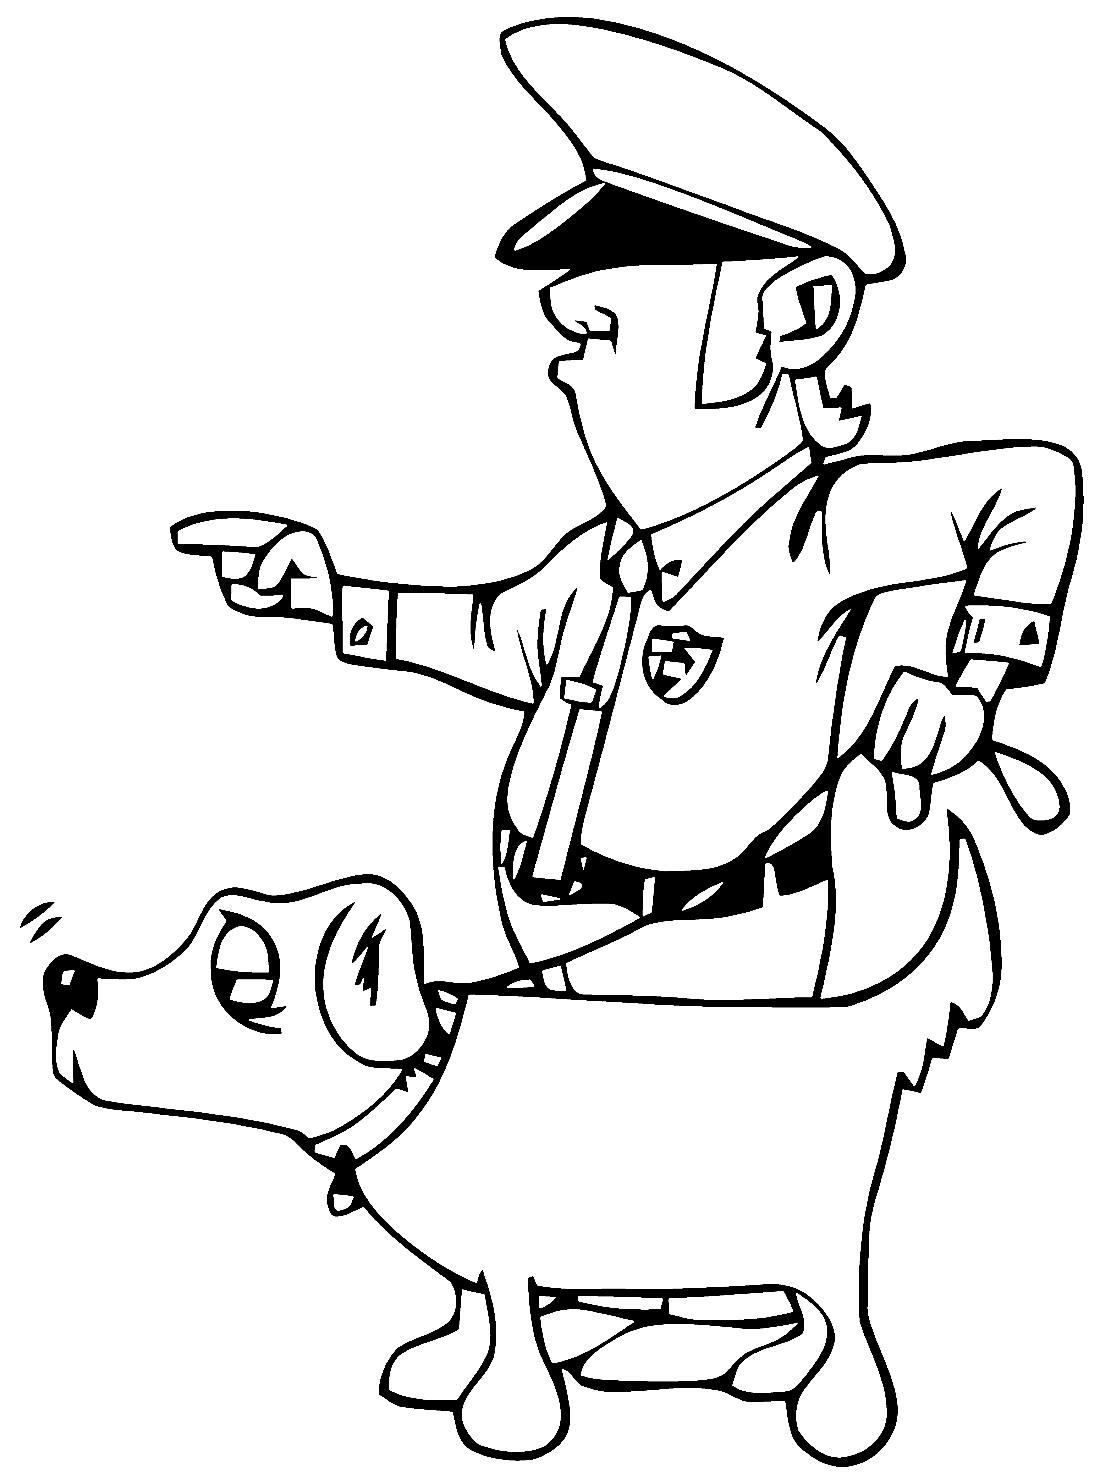 Полицейский и собака - раскраска №12027 | Printonic.ru